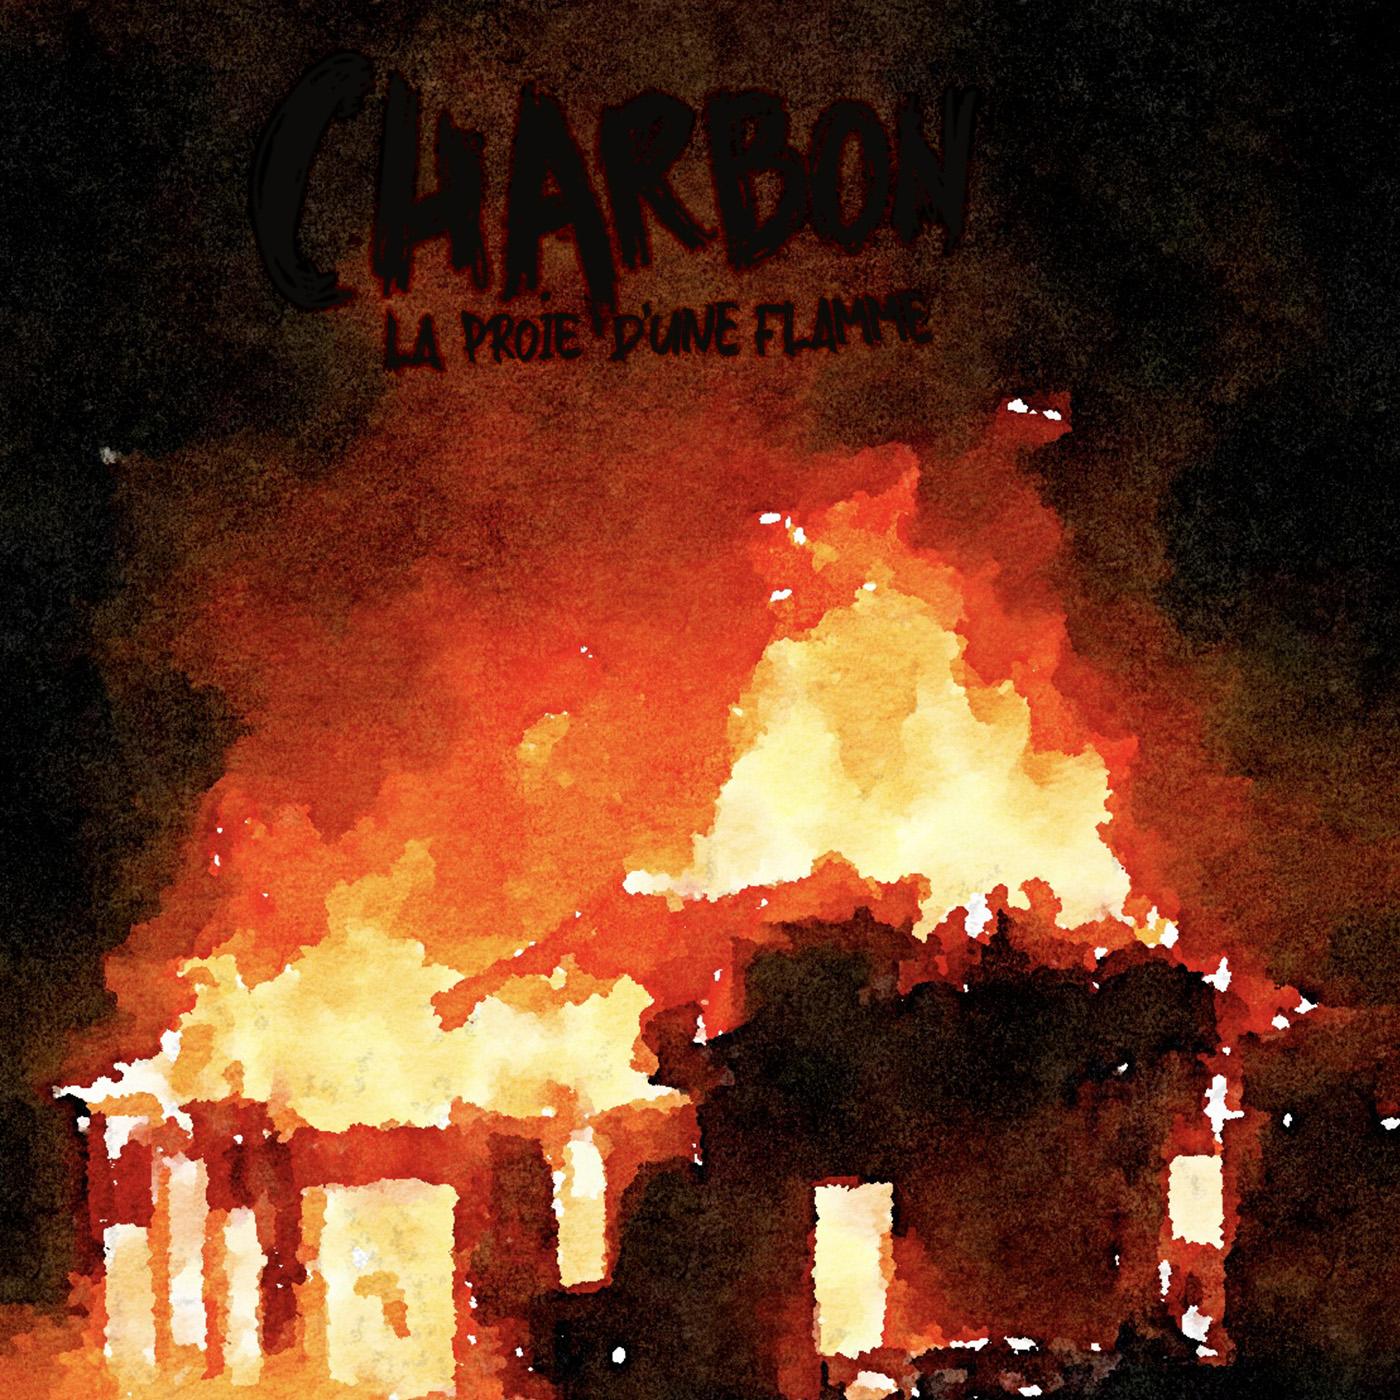 La proie d'une flamme (EP sur Bandcamp)